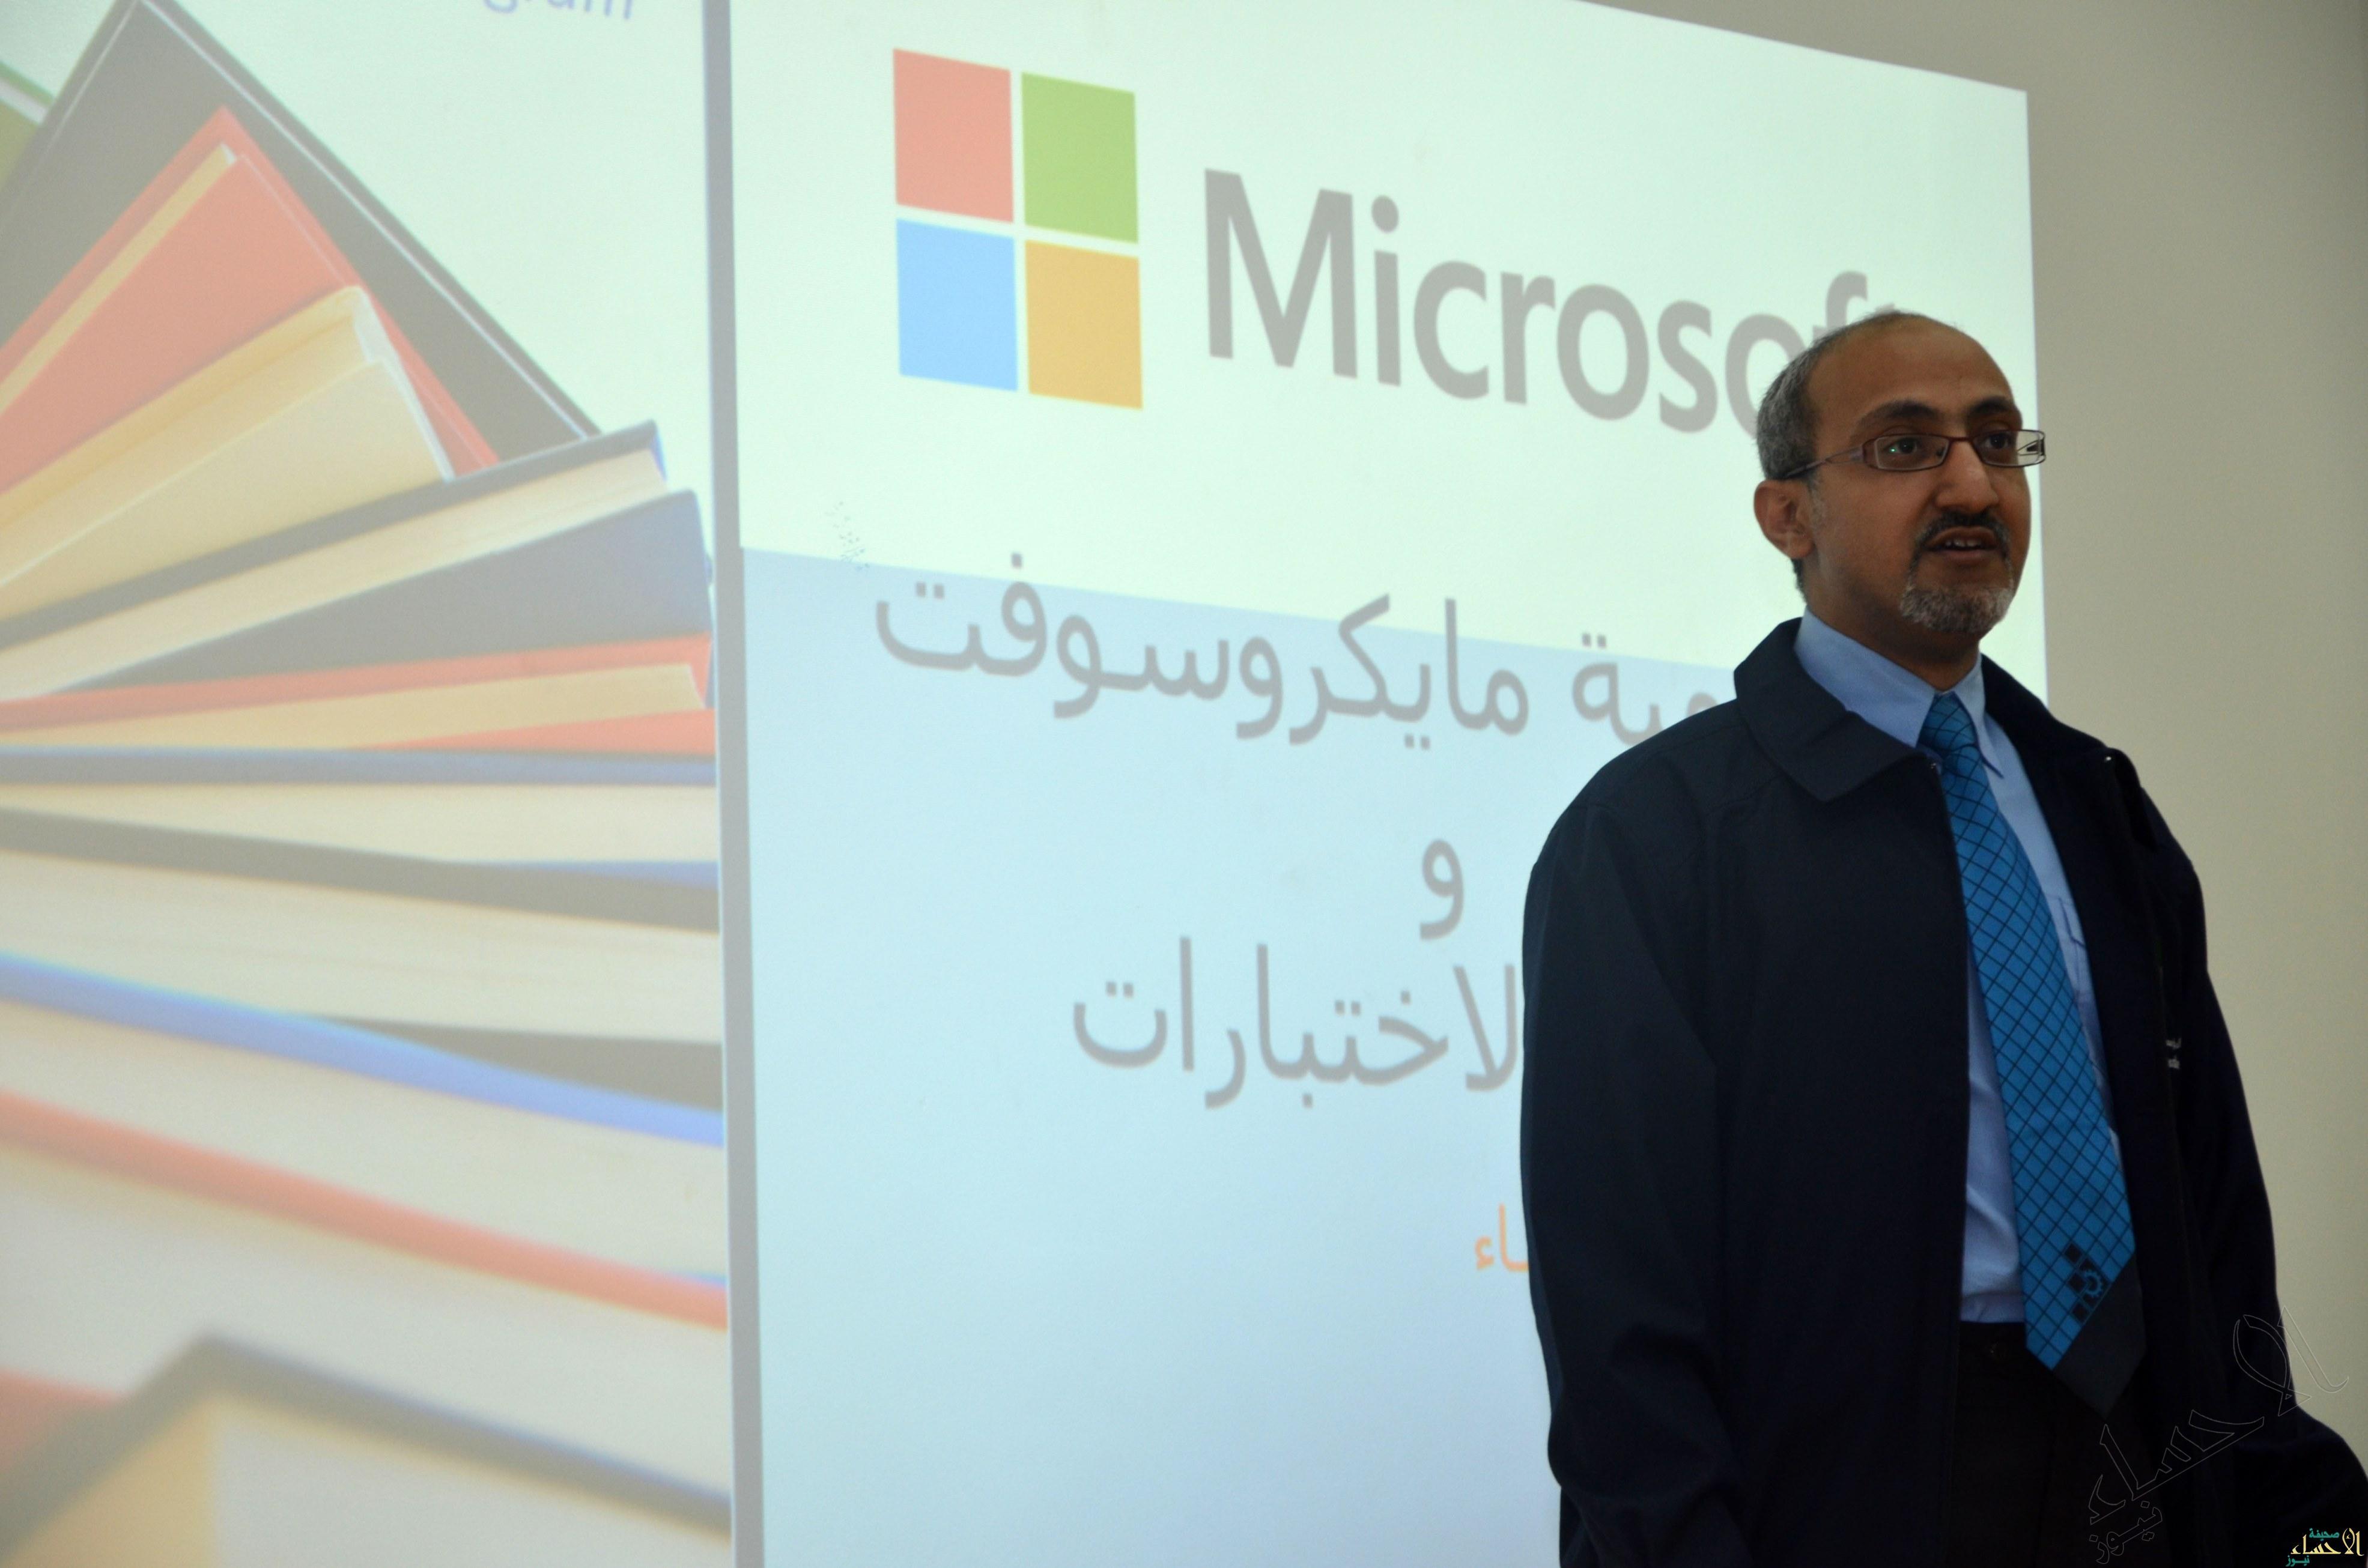 بوعامر يقدم تعريفاً عن أكاديمية مايكروسوفت